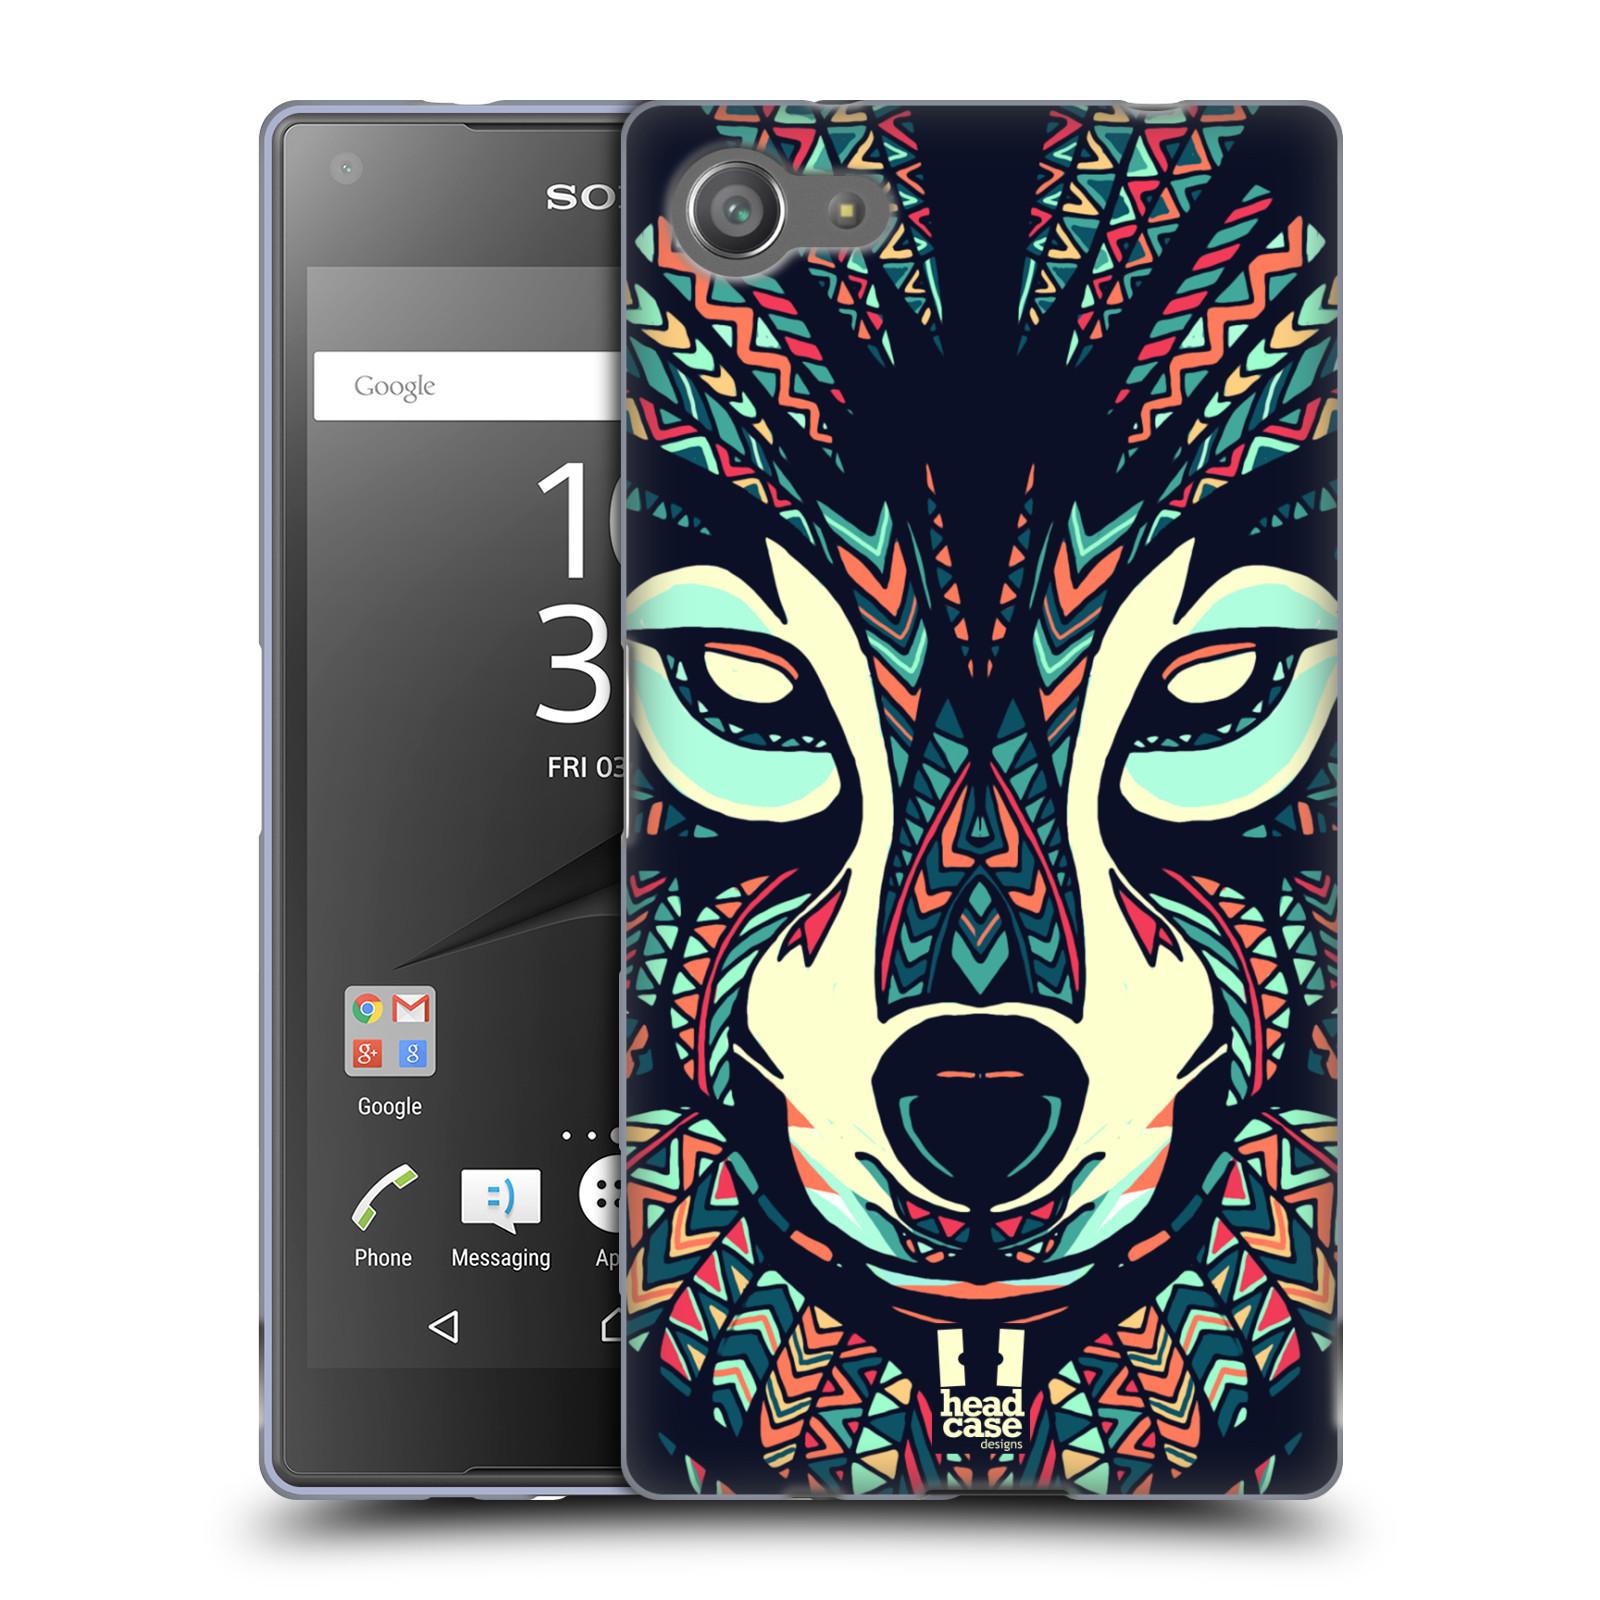 Silikonové pouzdro na mobil Sony Xperia Z5 Compact HEAD CASE AZTEC VLK